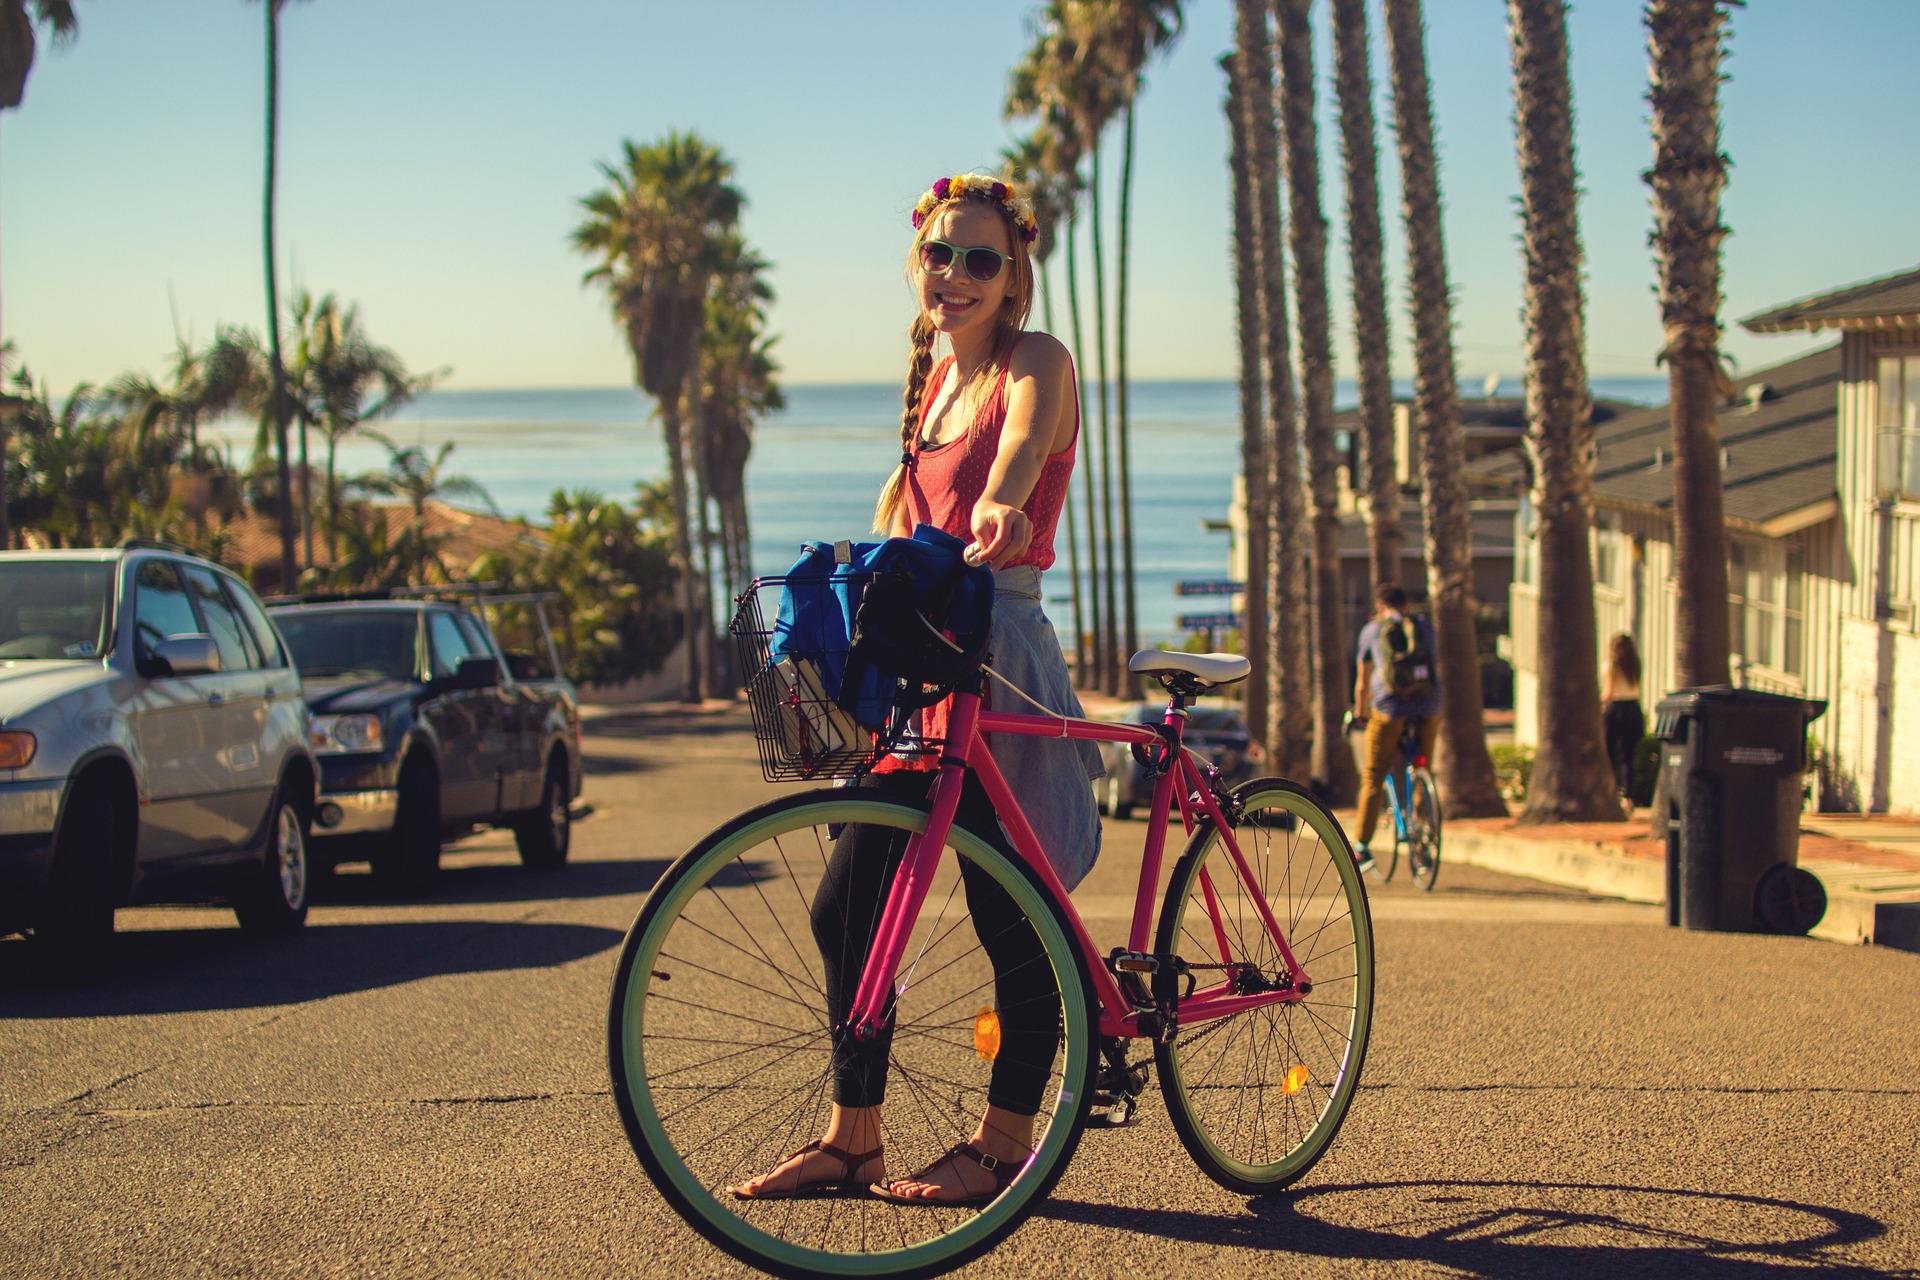 Bici estilo de vida Weemove